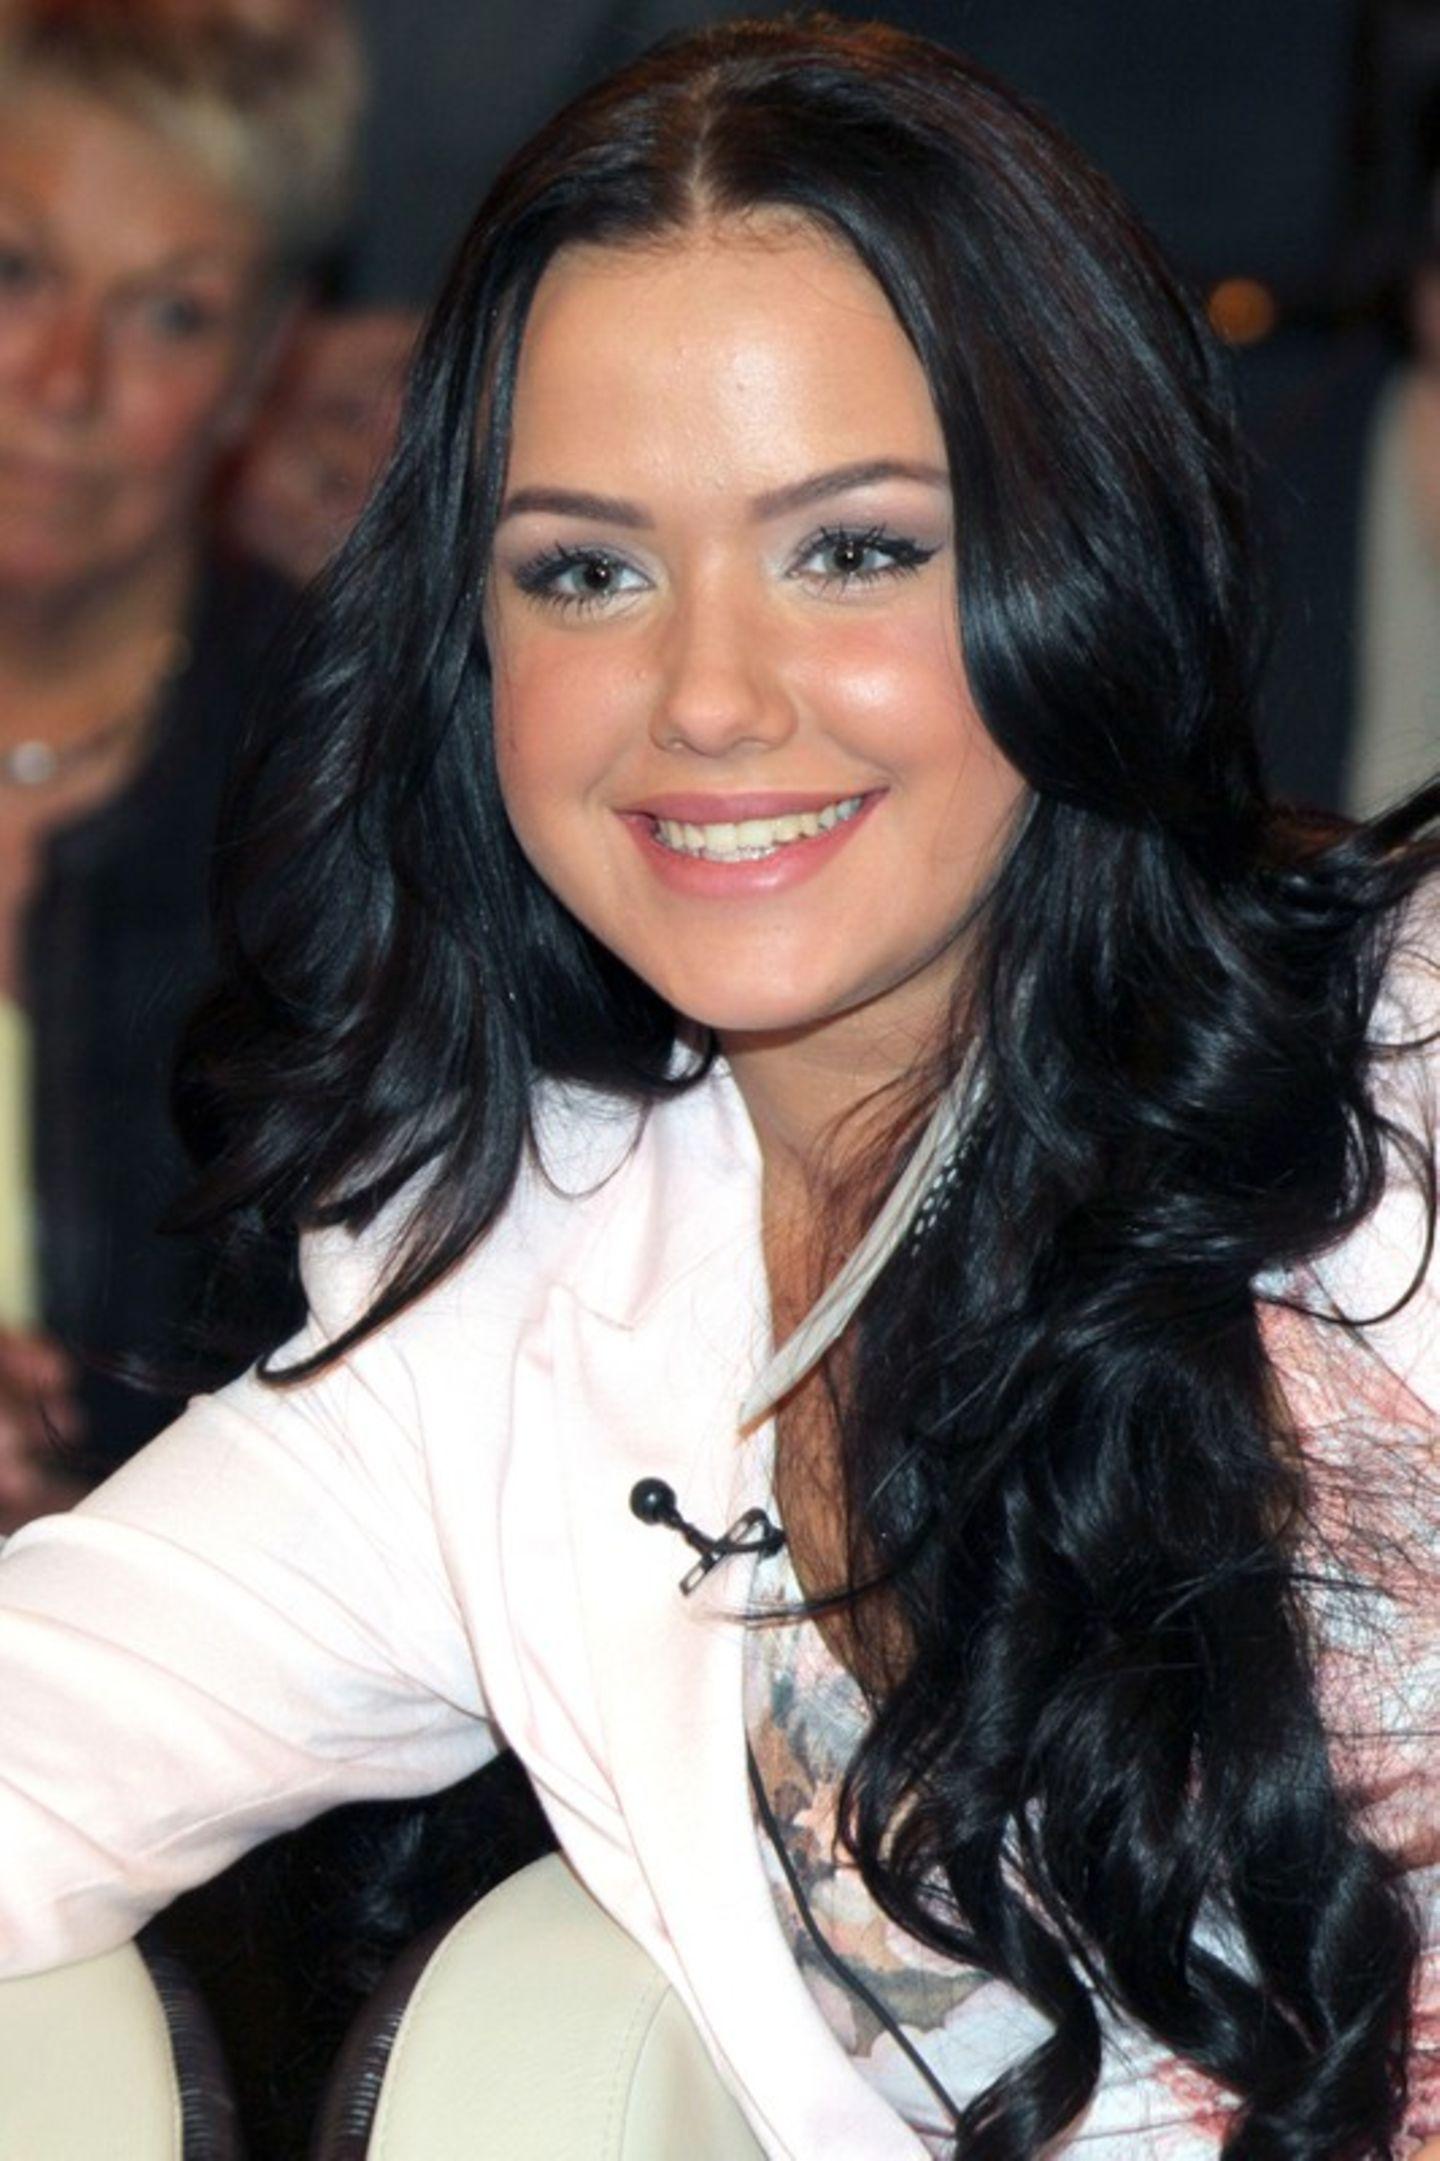 Im Jahr 2012 erschien die Ex-DSDS-Teilnehmerin Kim Gloss zur ZDF Sendung mit Marcus Lanz mit dunkel gefärbten Haaren und einem schlichten Augen-Make-up. Für die Sängerin ist das Thema Beauty bis heute ein essentieller Bestandteil ihres Lebens. Acht Jahre später ...